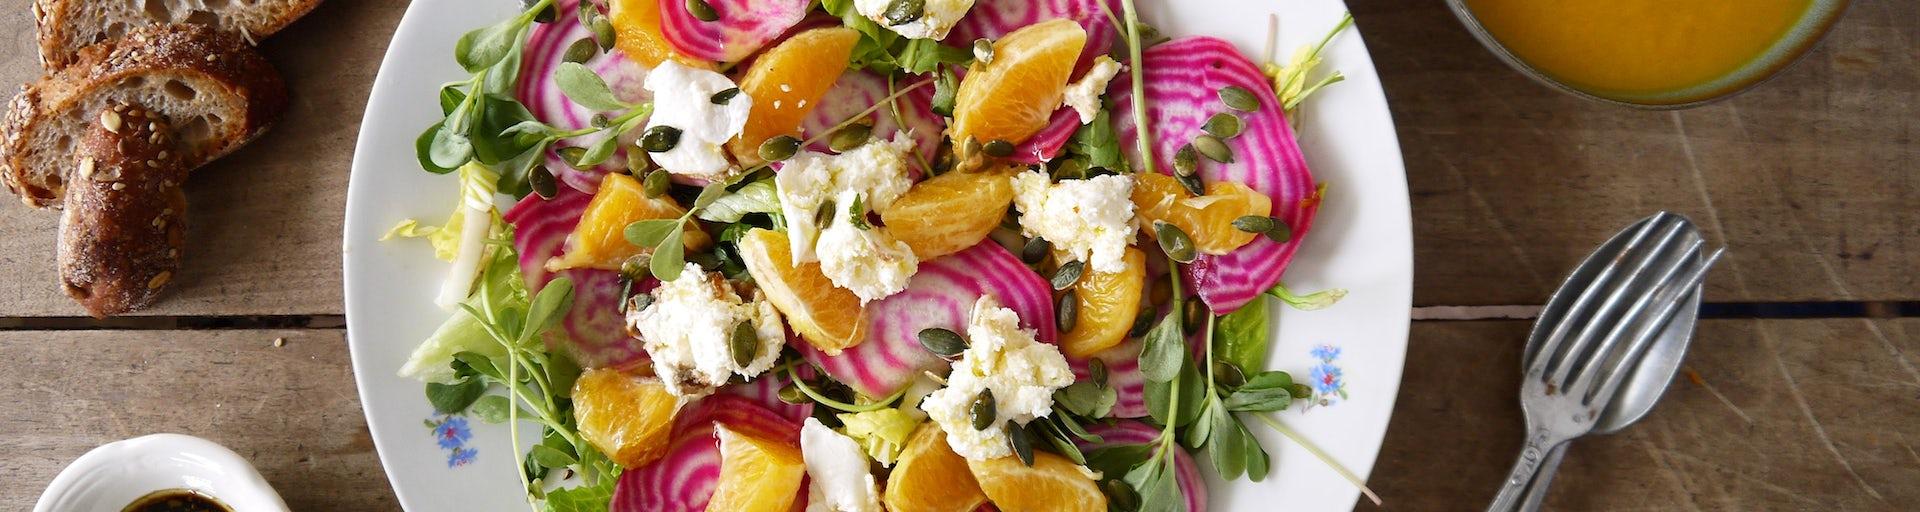 Salade van chioggiabietjes met mozzarella en wortelsoep | Maaltijdbox recepten